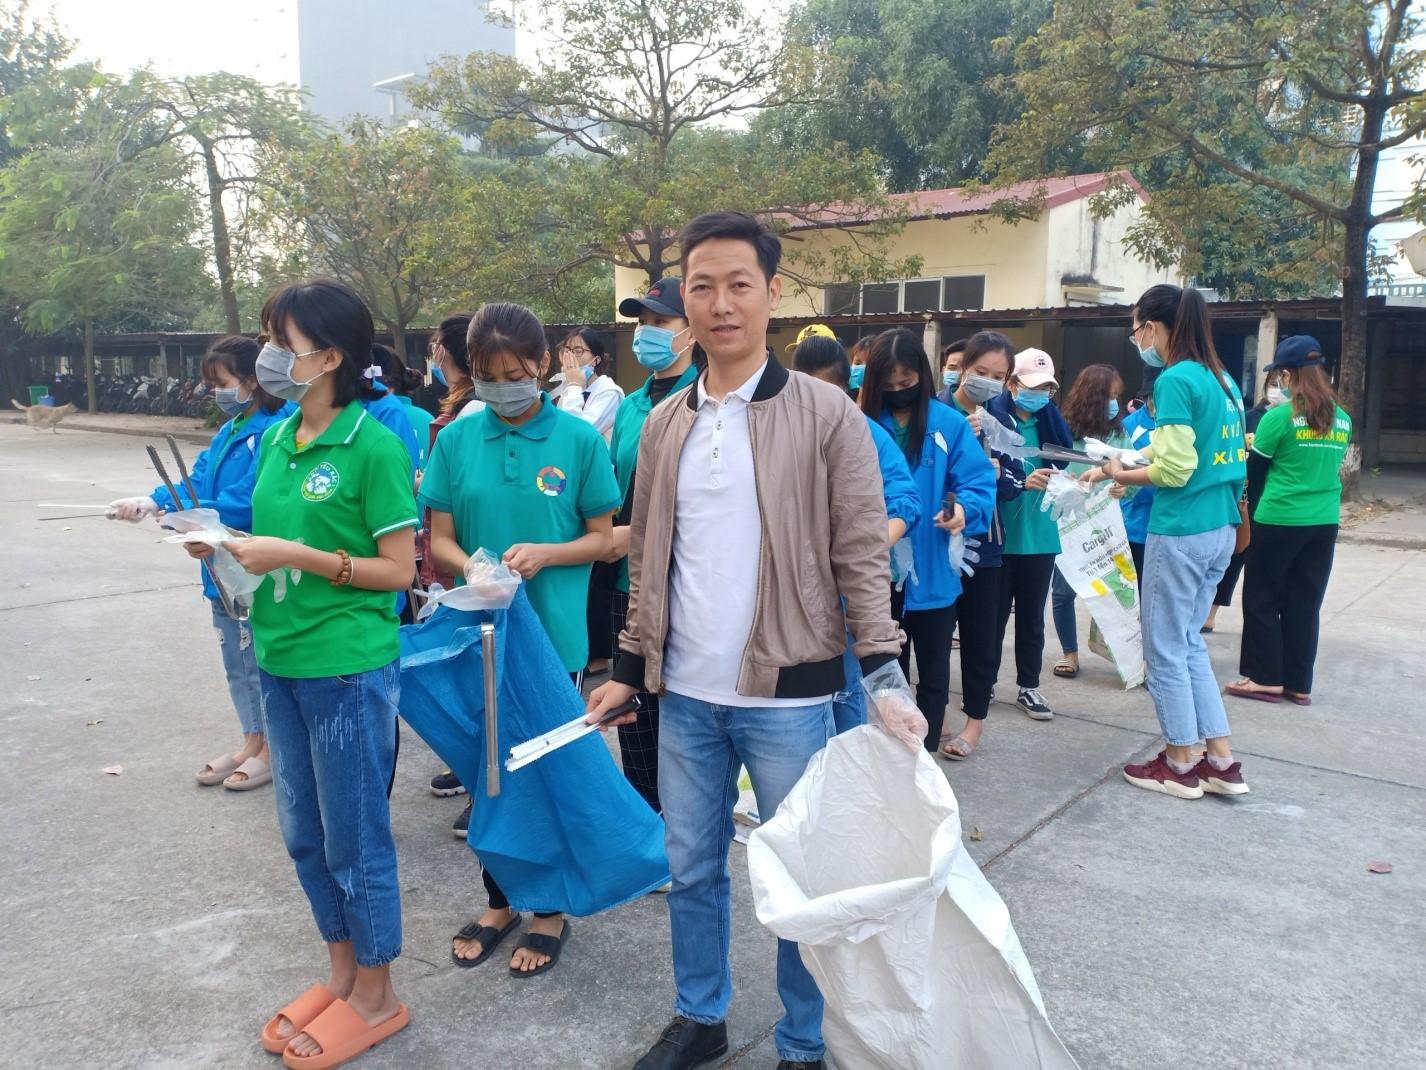 Ngày thứ 7 xanh tại trường Đại học Công nghiệp Dệt May Hà Nội